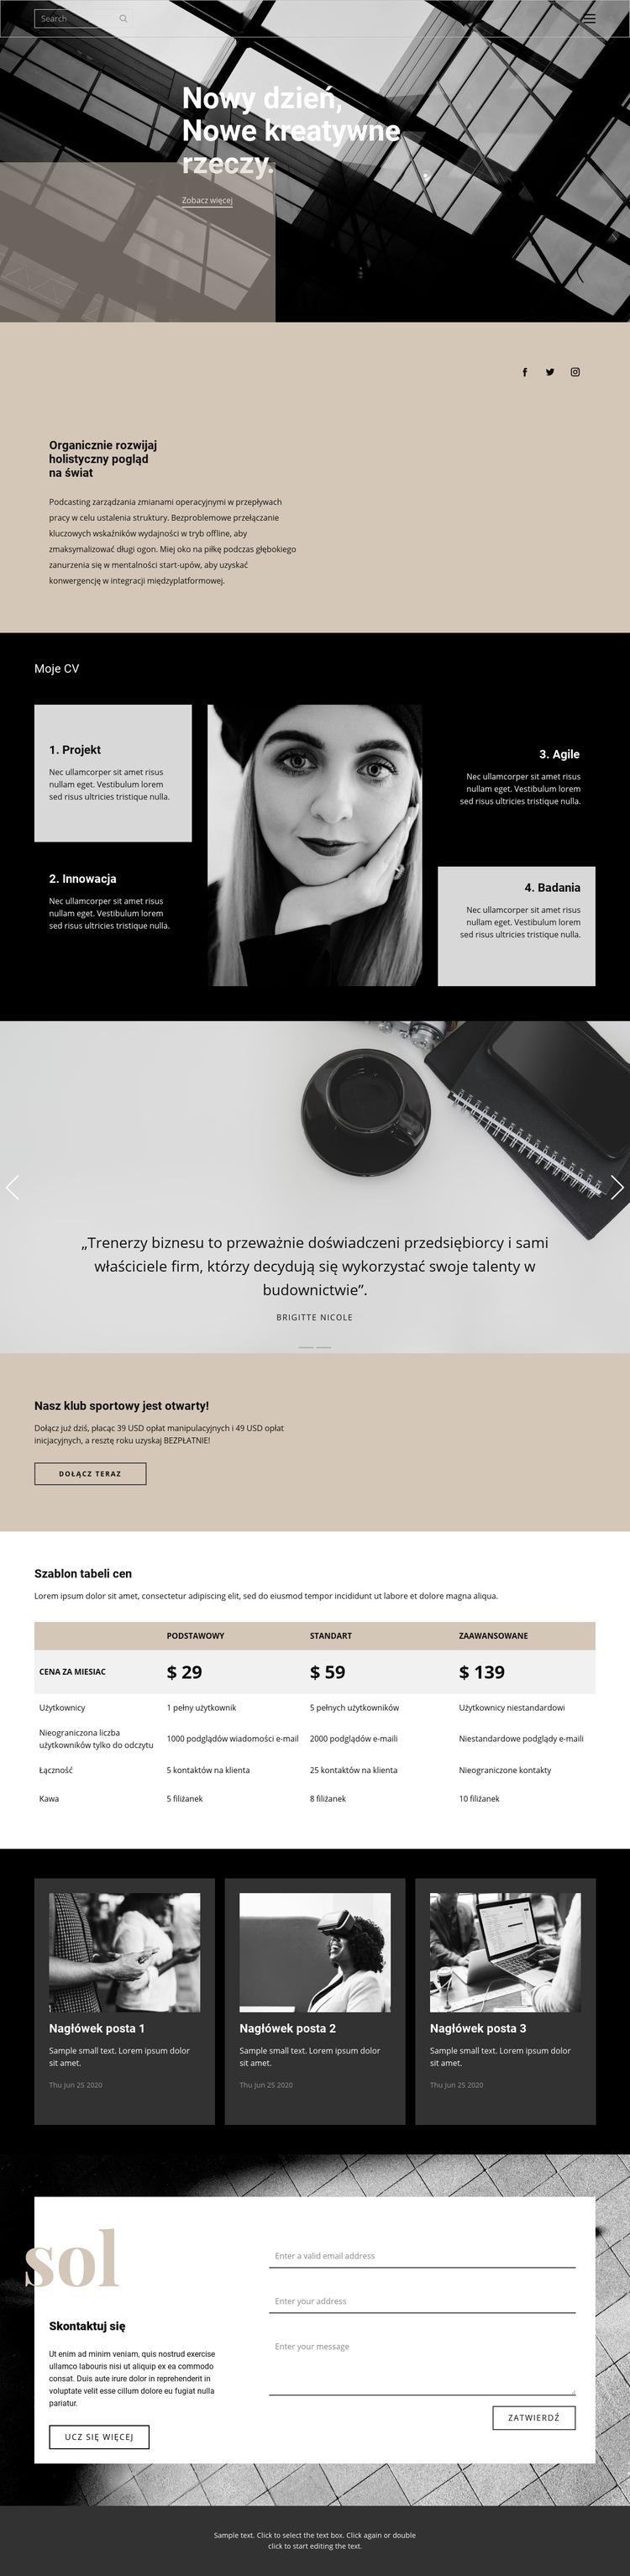 Gdzie założyć firmę Szablon witryny sieci Web